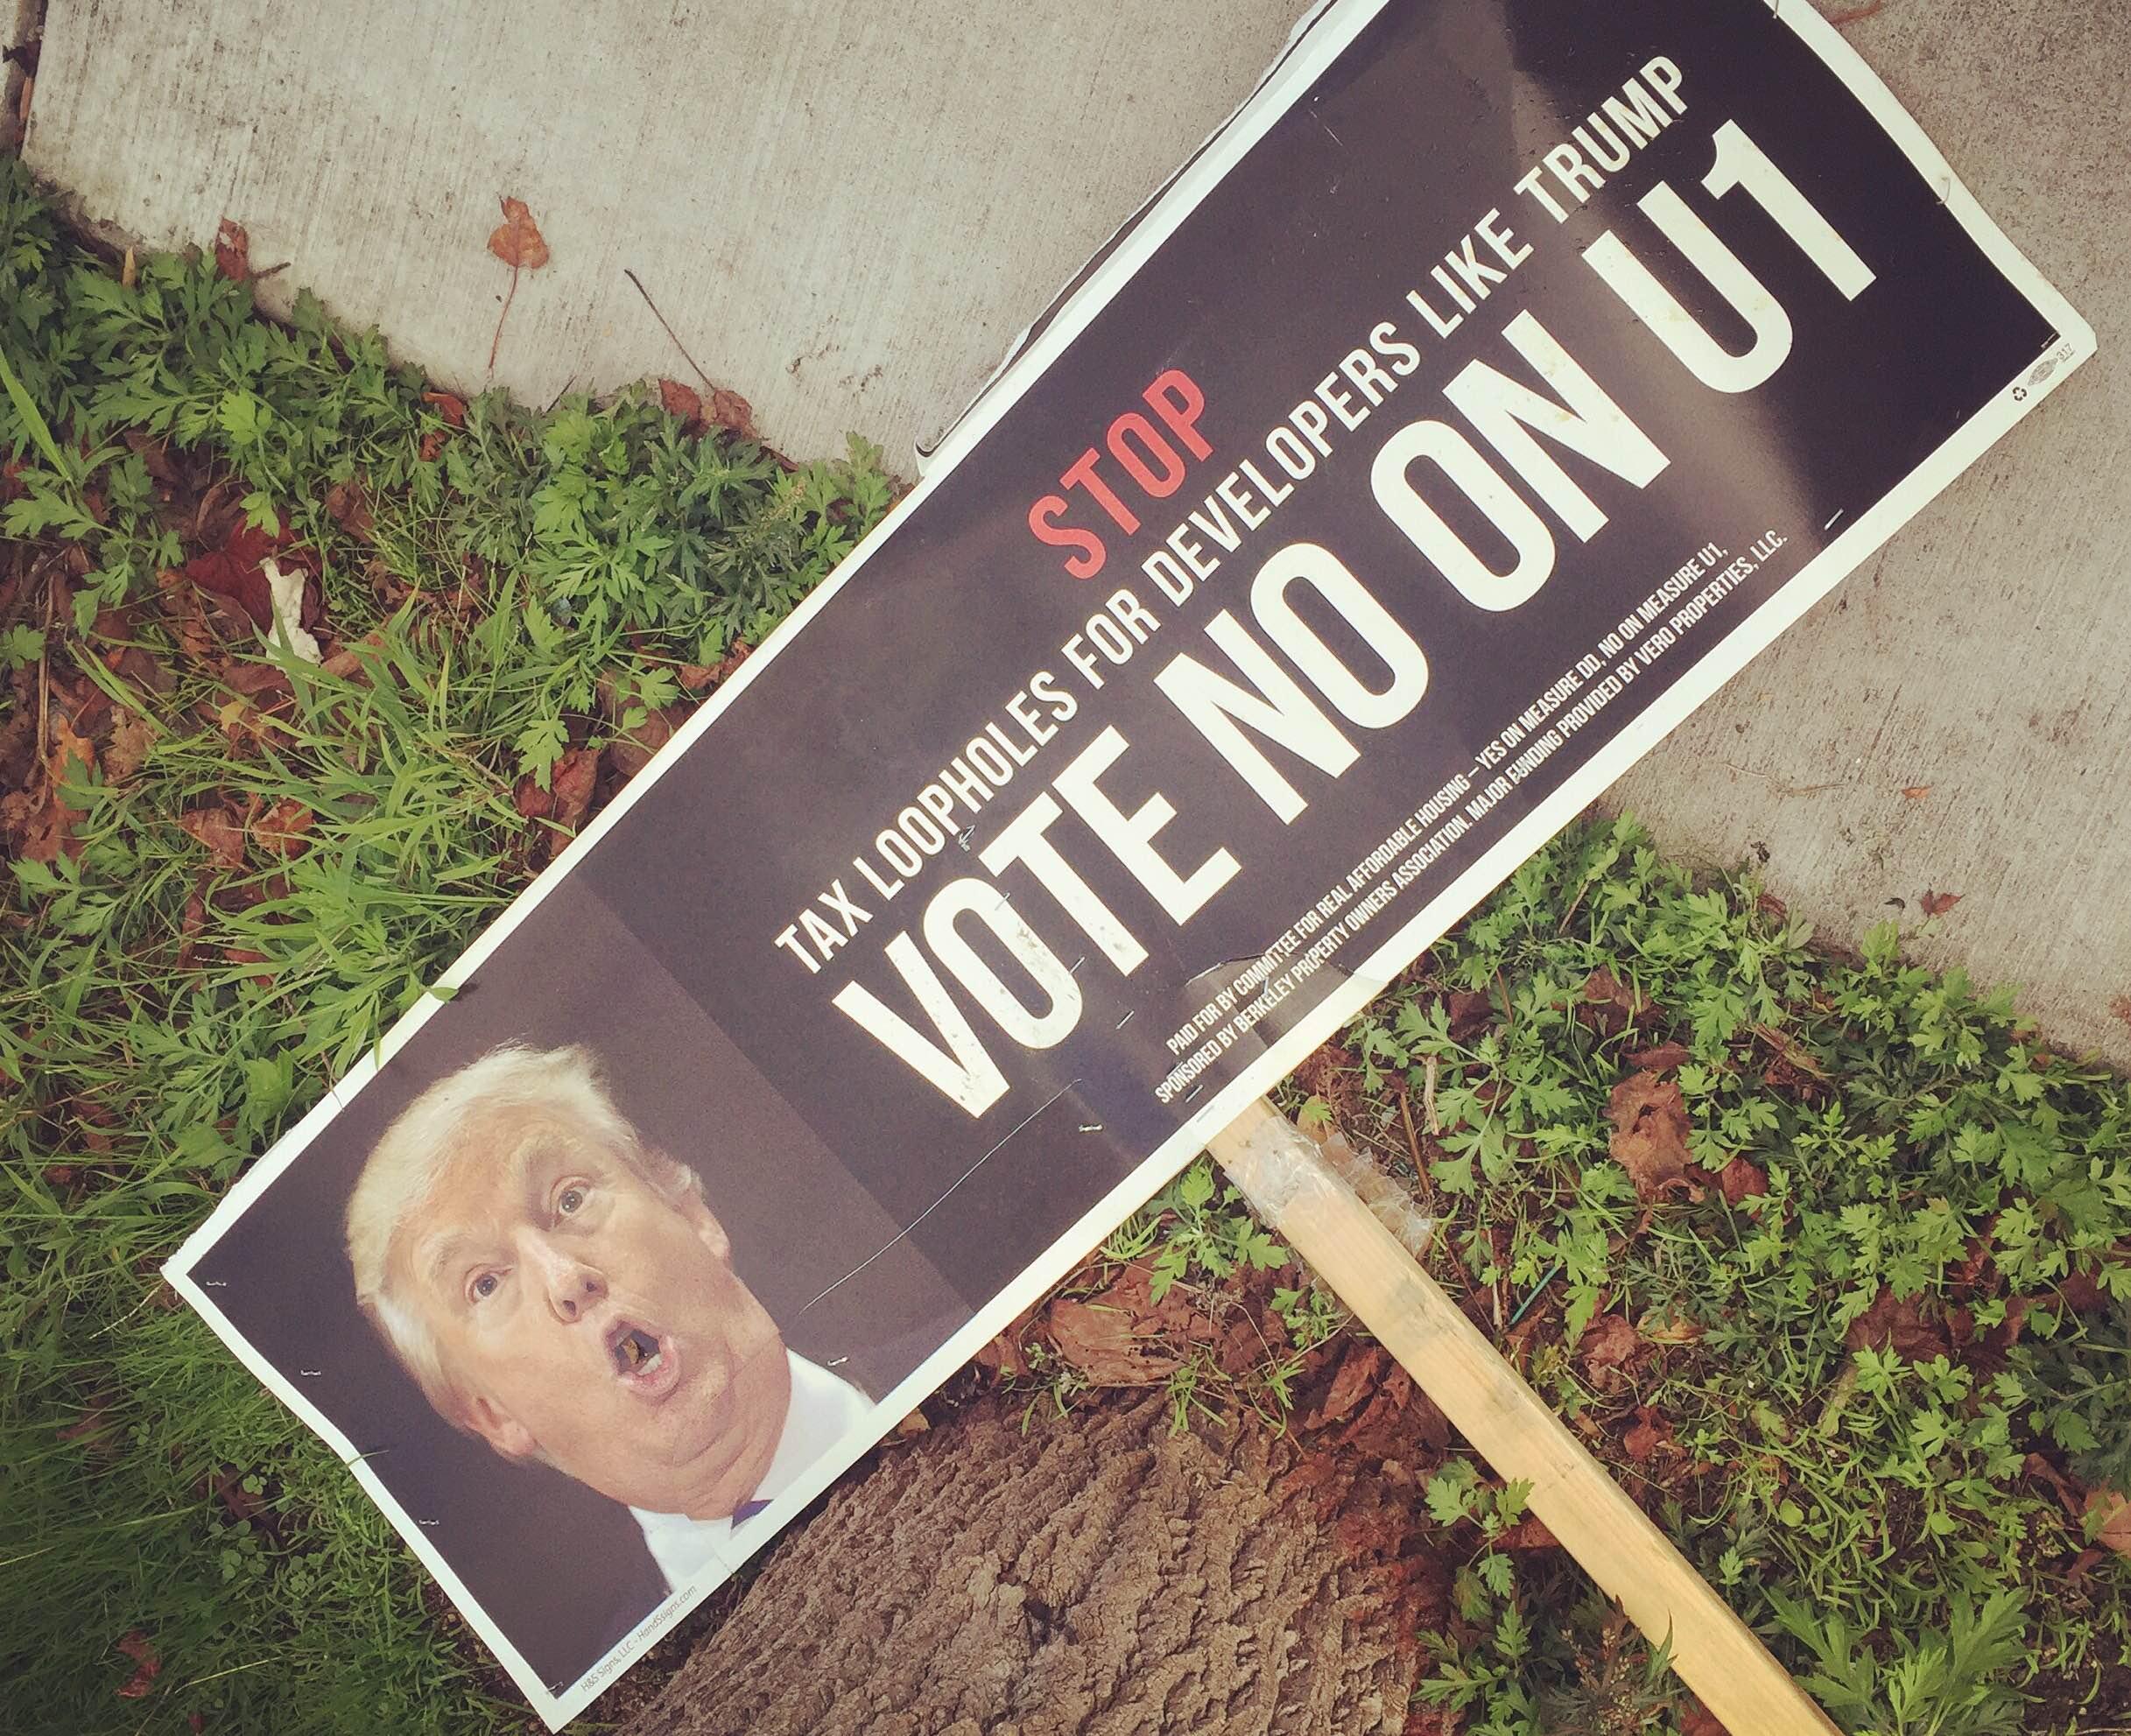 """トランプ大統領が誕生した翌日、バークレーの街を歩いていると『Go back to China! (中国に帰れ!)』とホームレスの男性に叫ばれる。""""Love Trumps Hate(愛は憎しみに勝つ)""""。こんなときだからこそコンパッションの実践が重要だと痛感。ちなみに私は日本人だから中国には帰れないんだぞ。"""